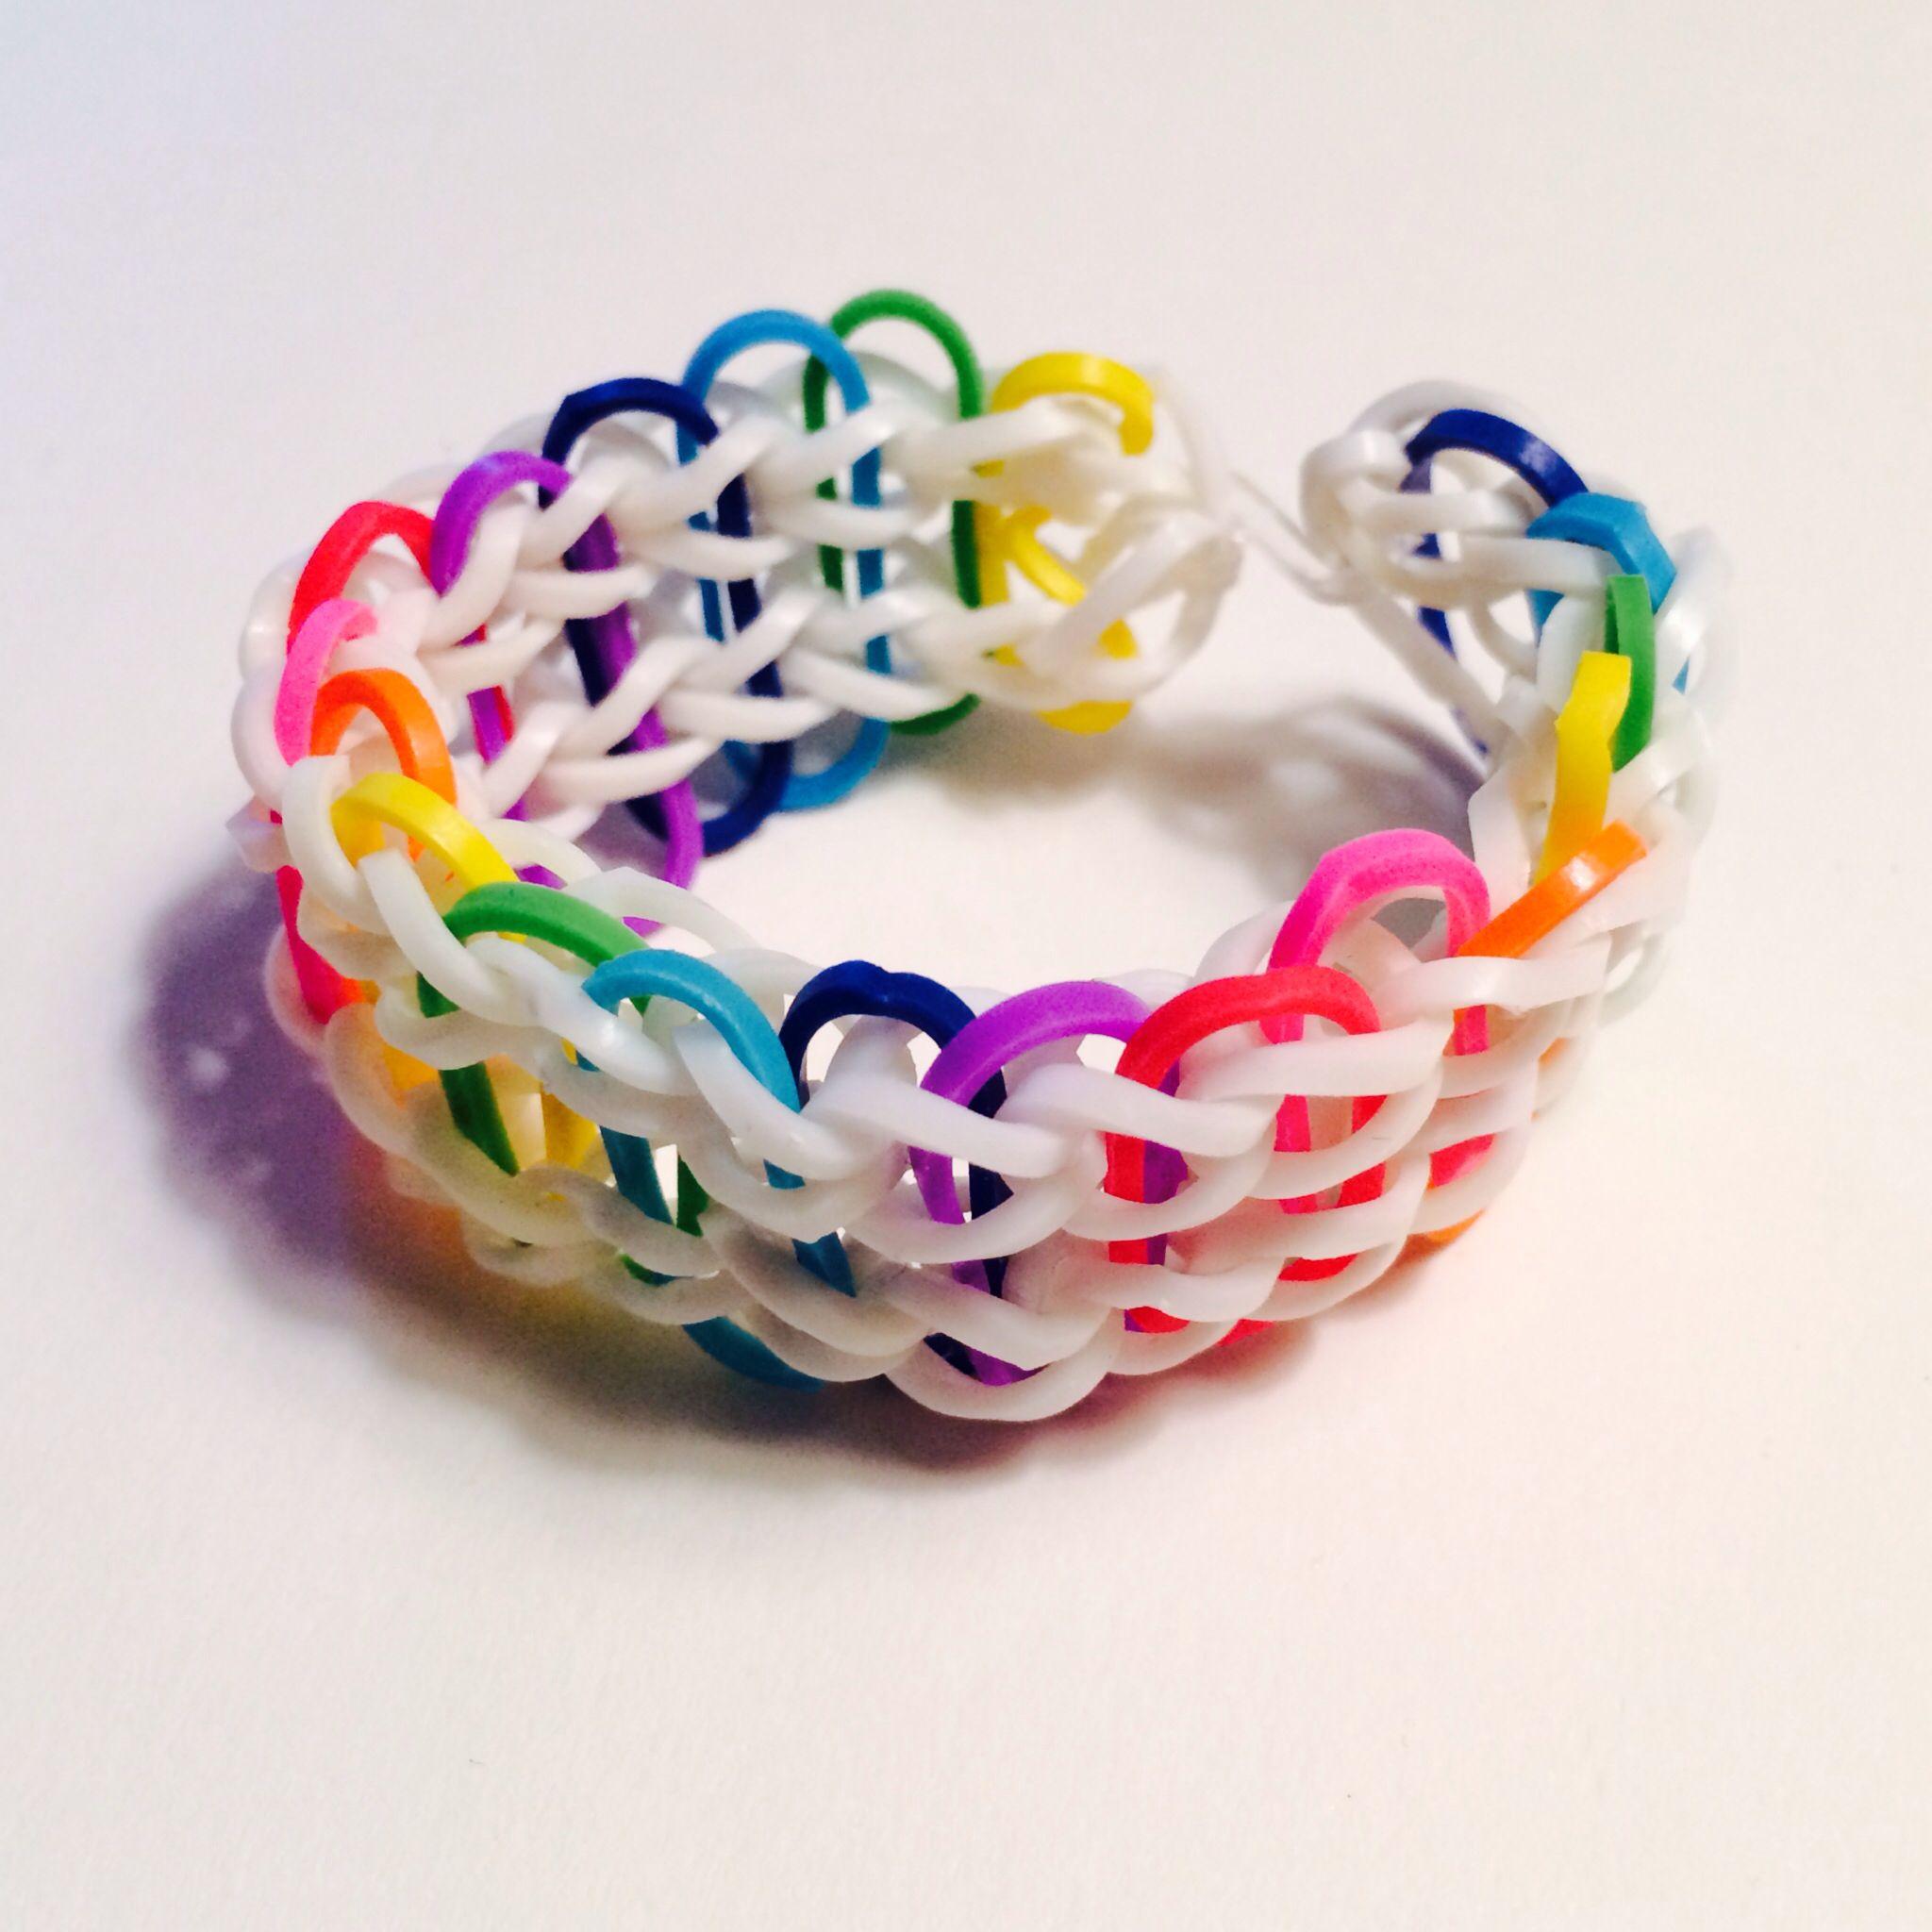 -Rainbow Rainbow Loom Bracelet #rainbowloom #doublerainbow | Rainbow ...